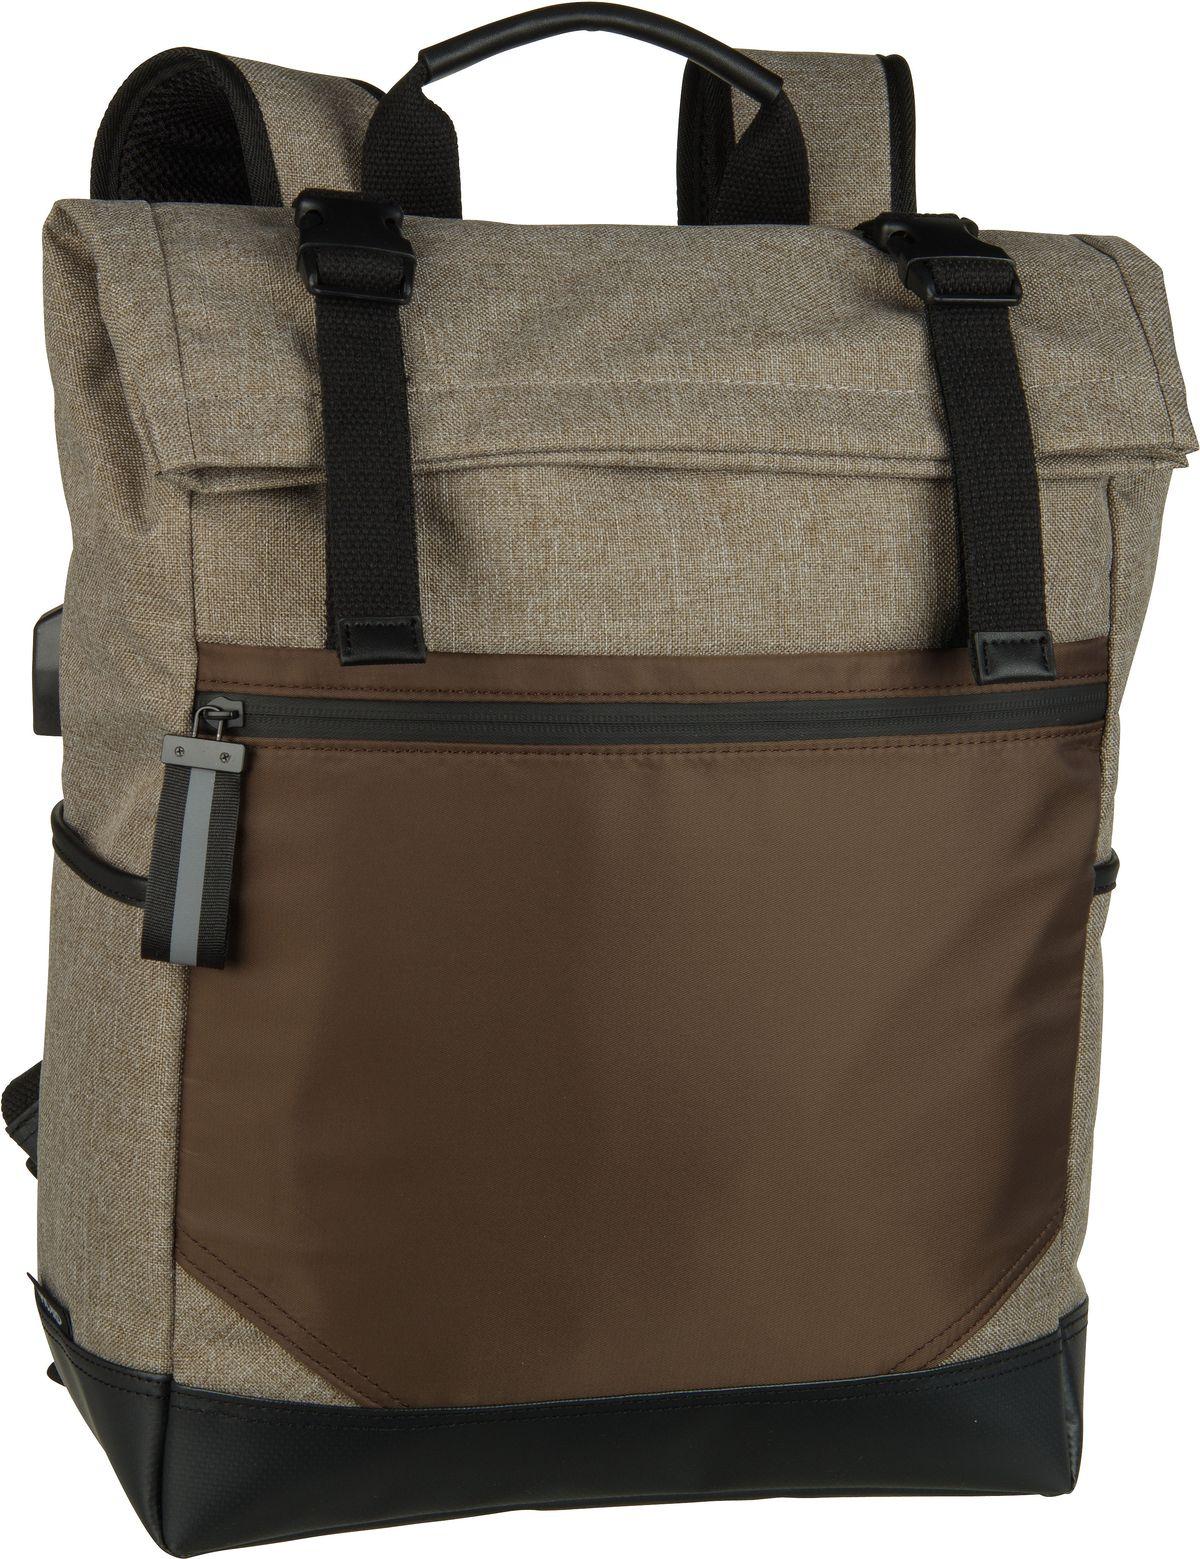 Rucksack / Daypack Speed 2393 Nougat